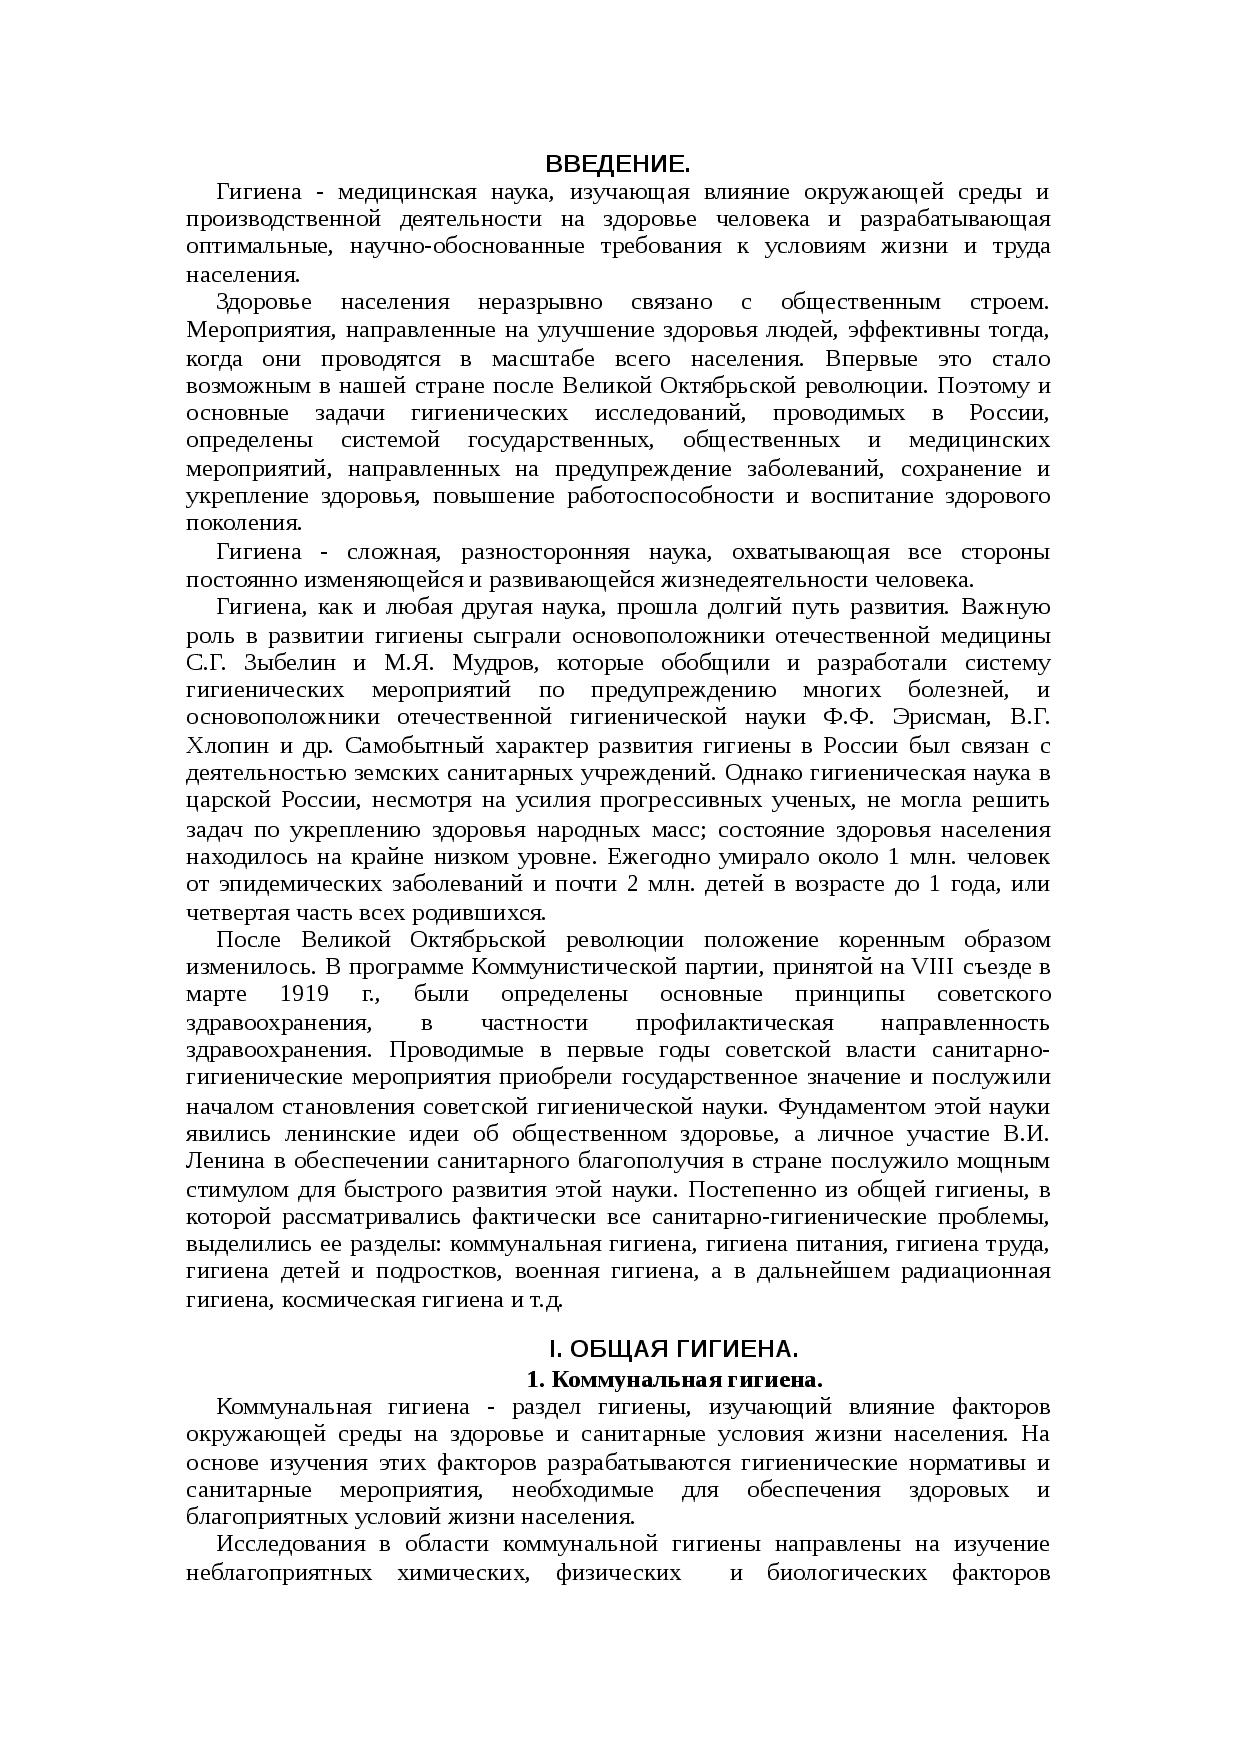 Личная гигиена — большая медицинская энциклопедия